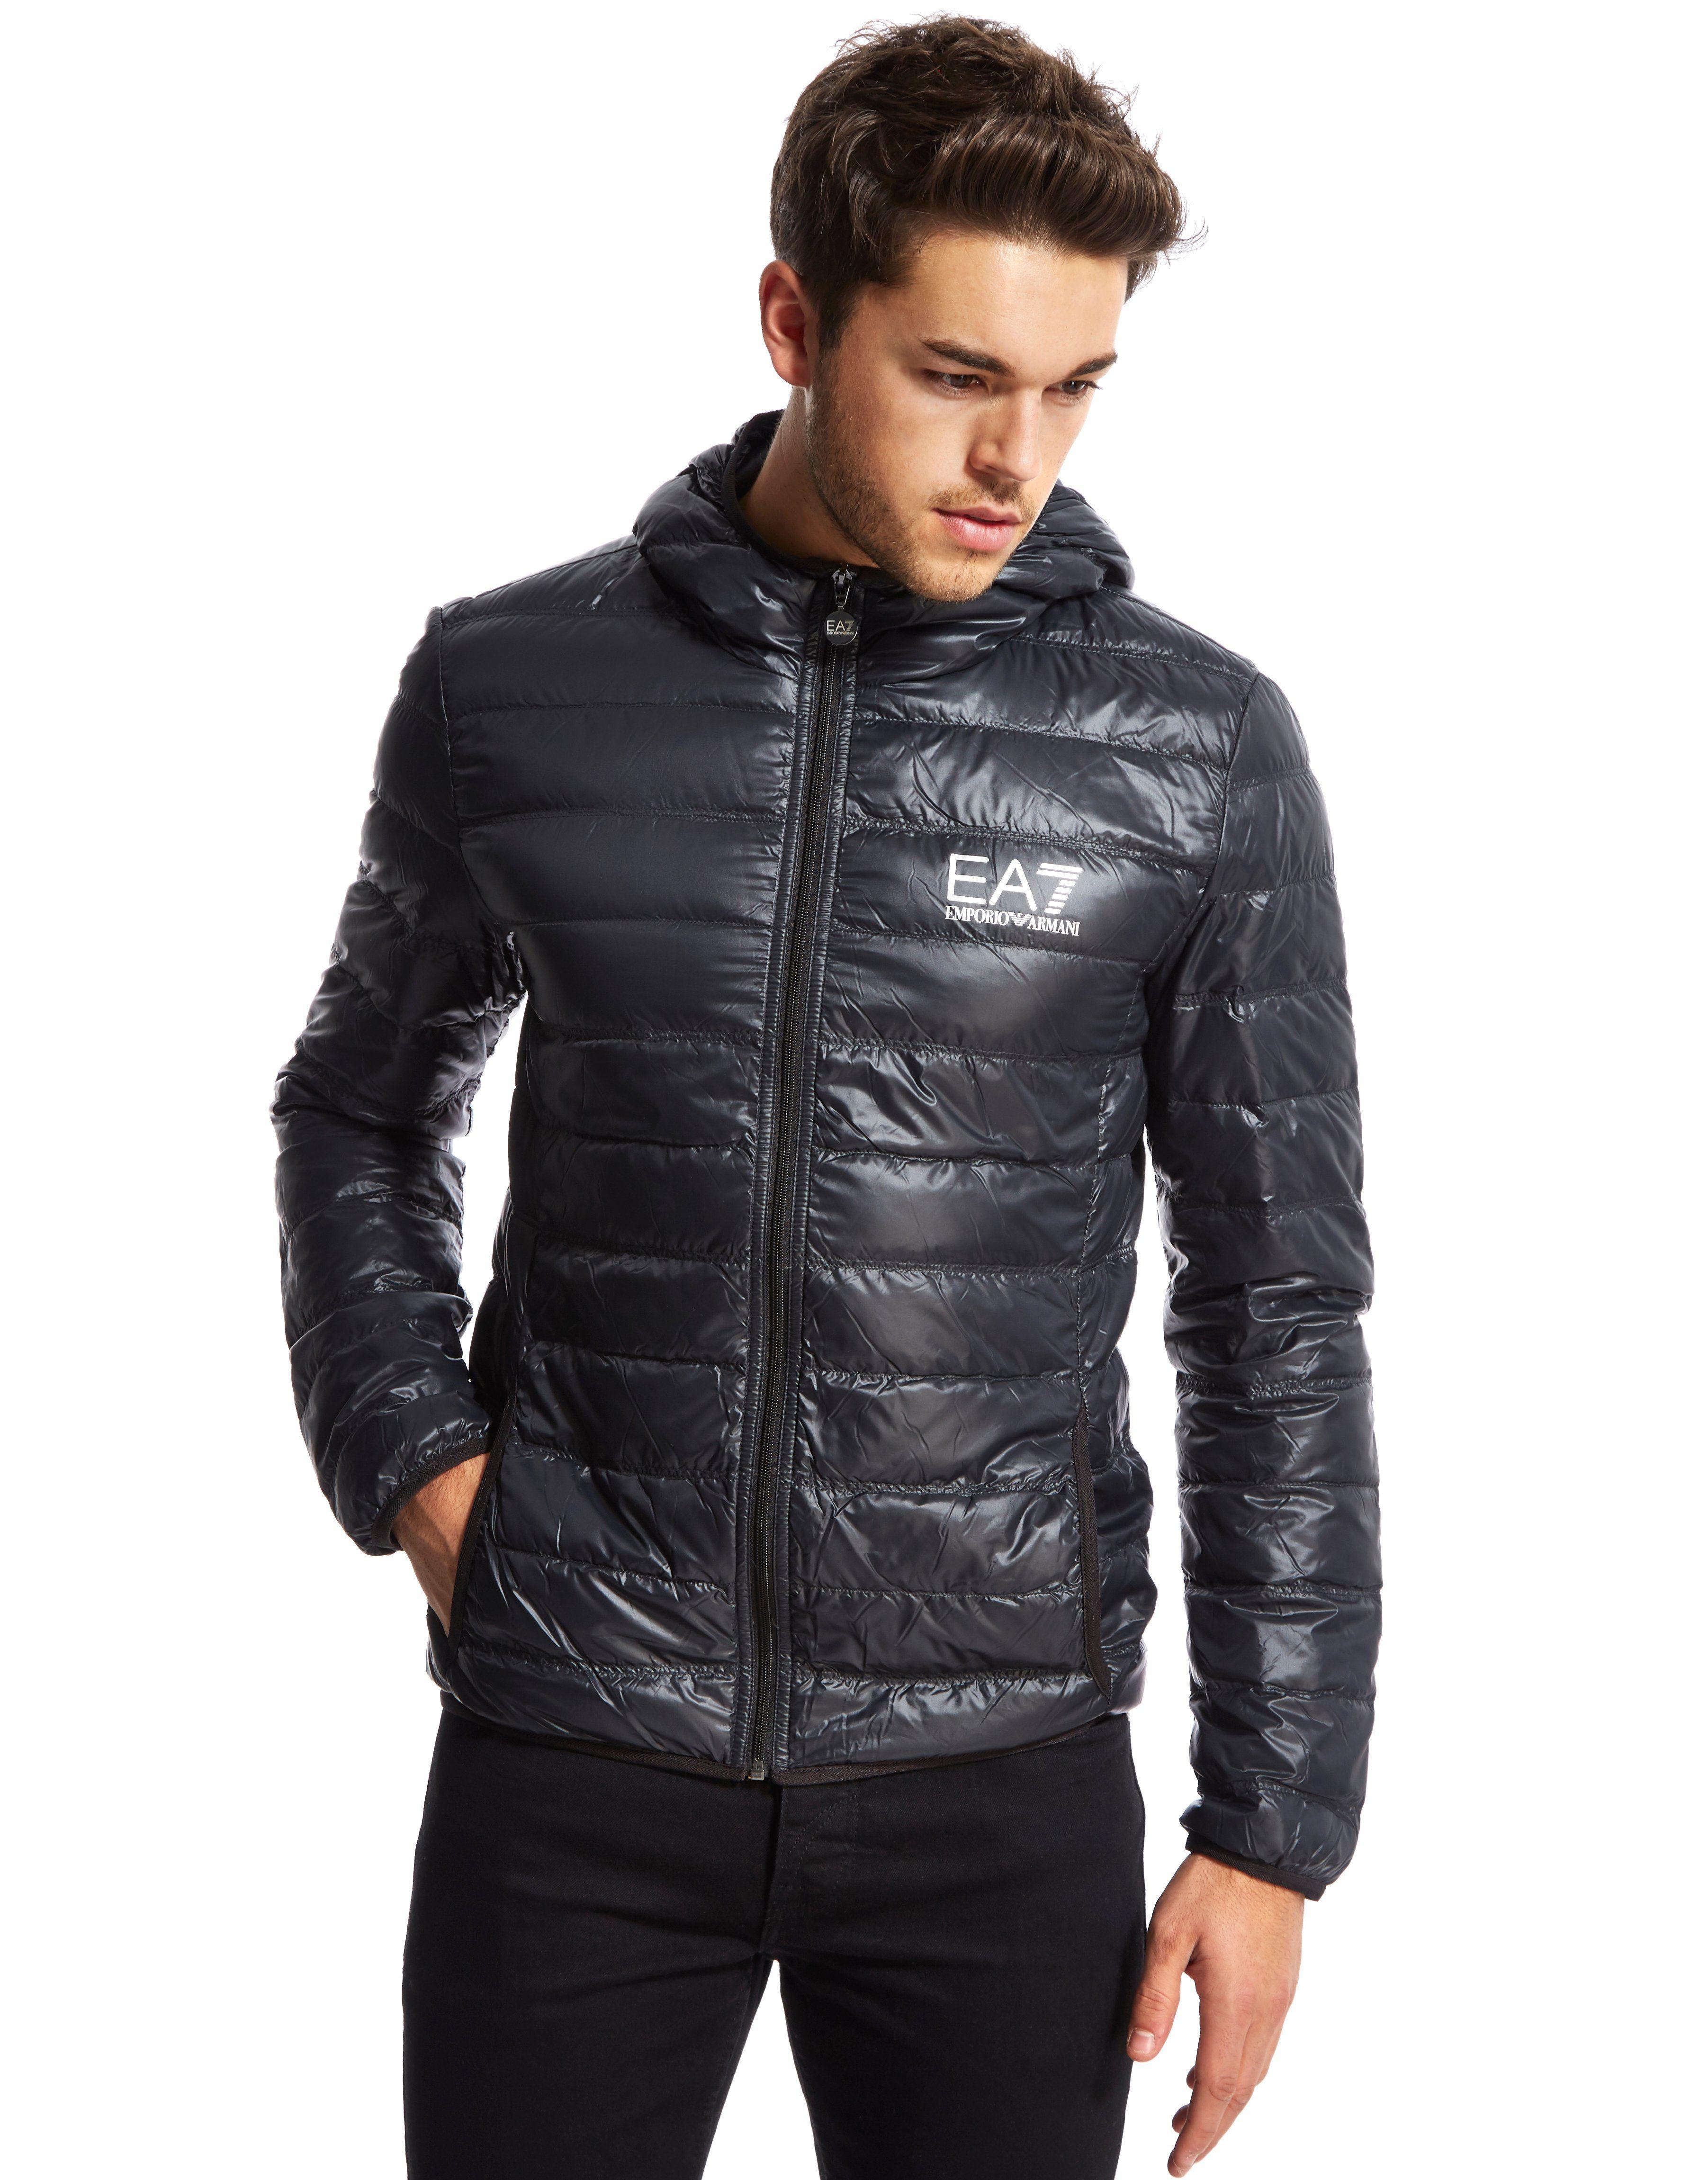 Emporio Armani Ea7 Bubble Hooded Jacket Jd Sports Sverige